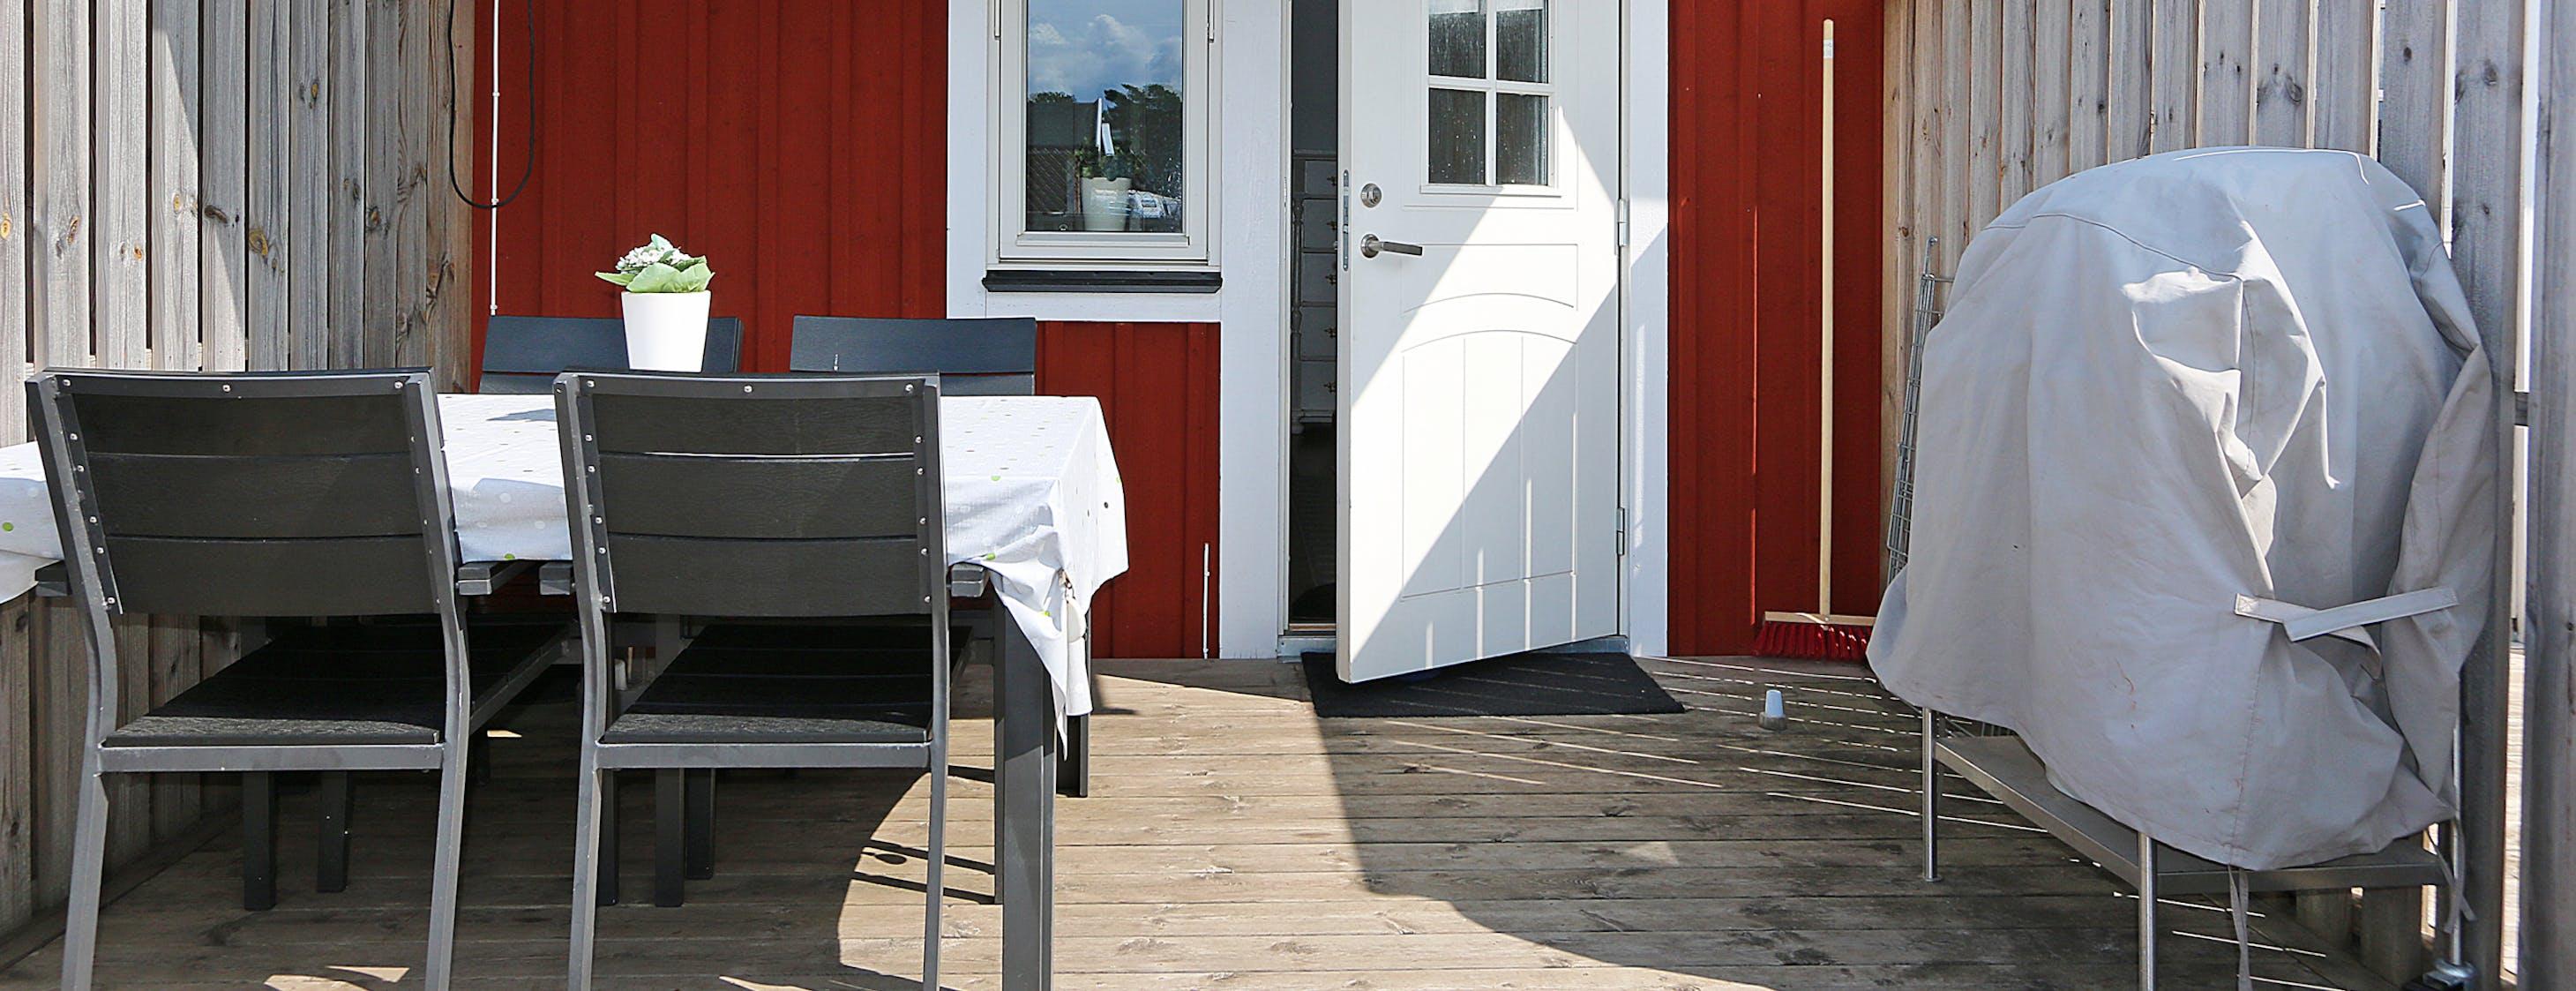 Köpingevägen 25 - Vallmon 3 Köpingsvik